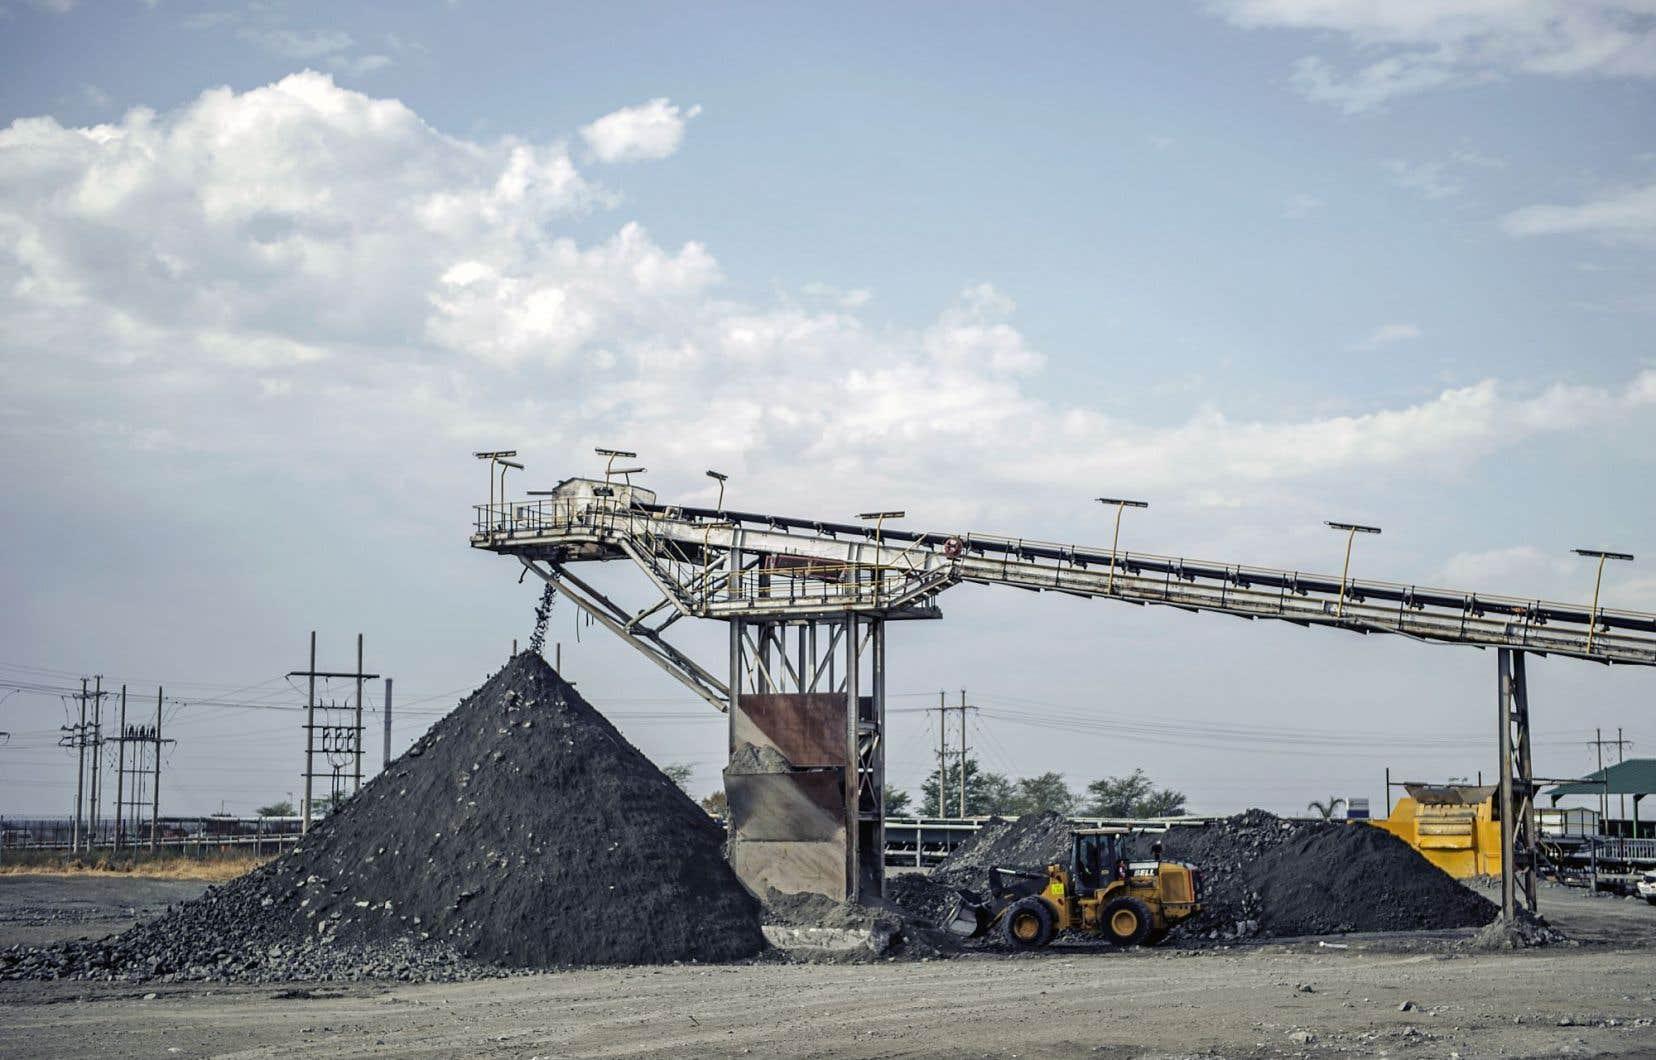 Le secteur minier représente une manne financière pour l'Afrique du Sud, mais la crise chinoise entraîne une diminution des exportations vers ce pays.